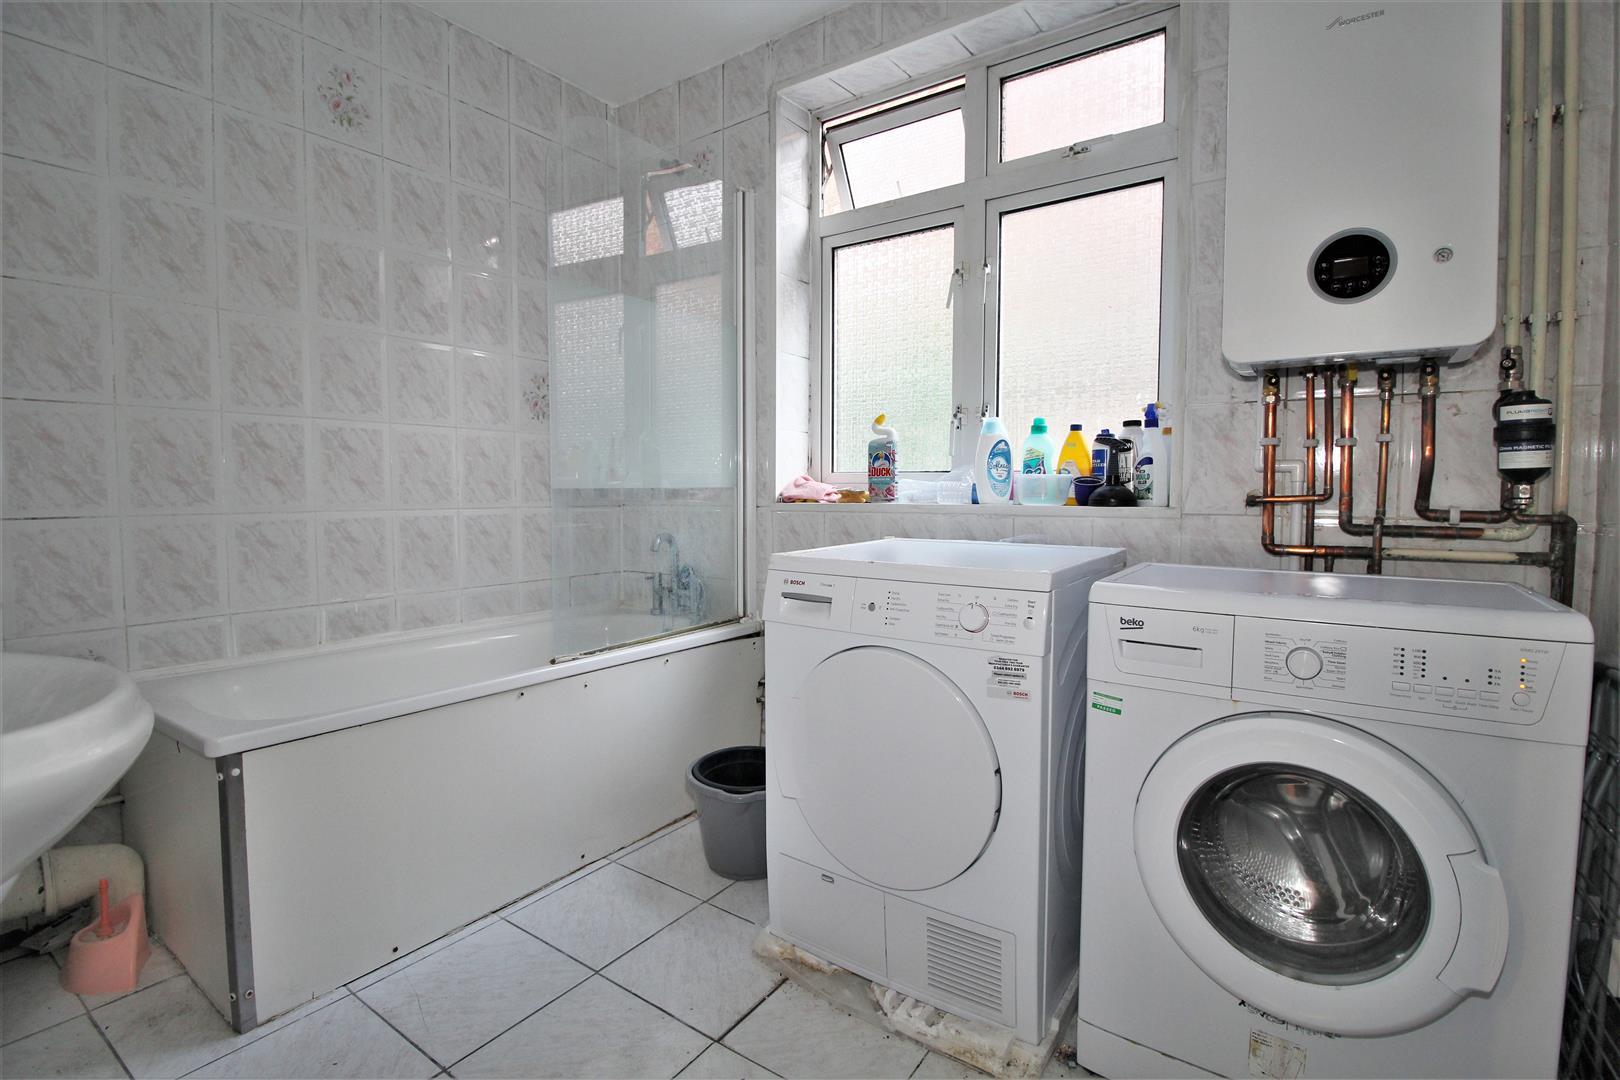 Communal Bathroom & Laundry